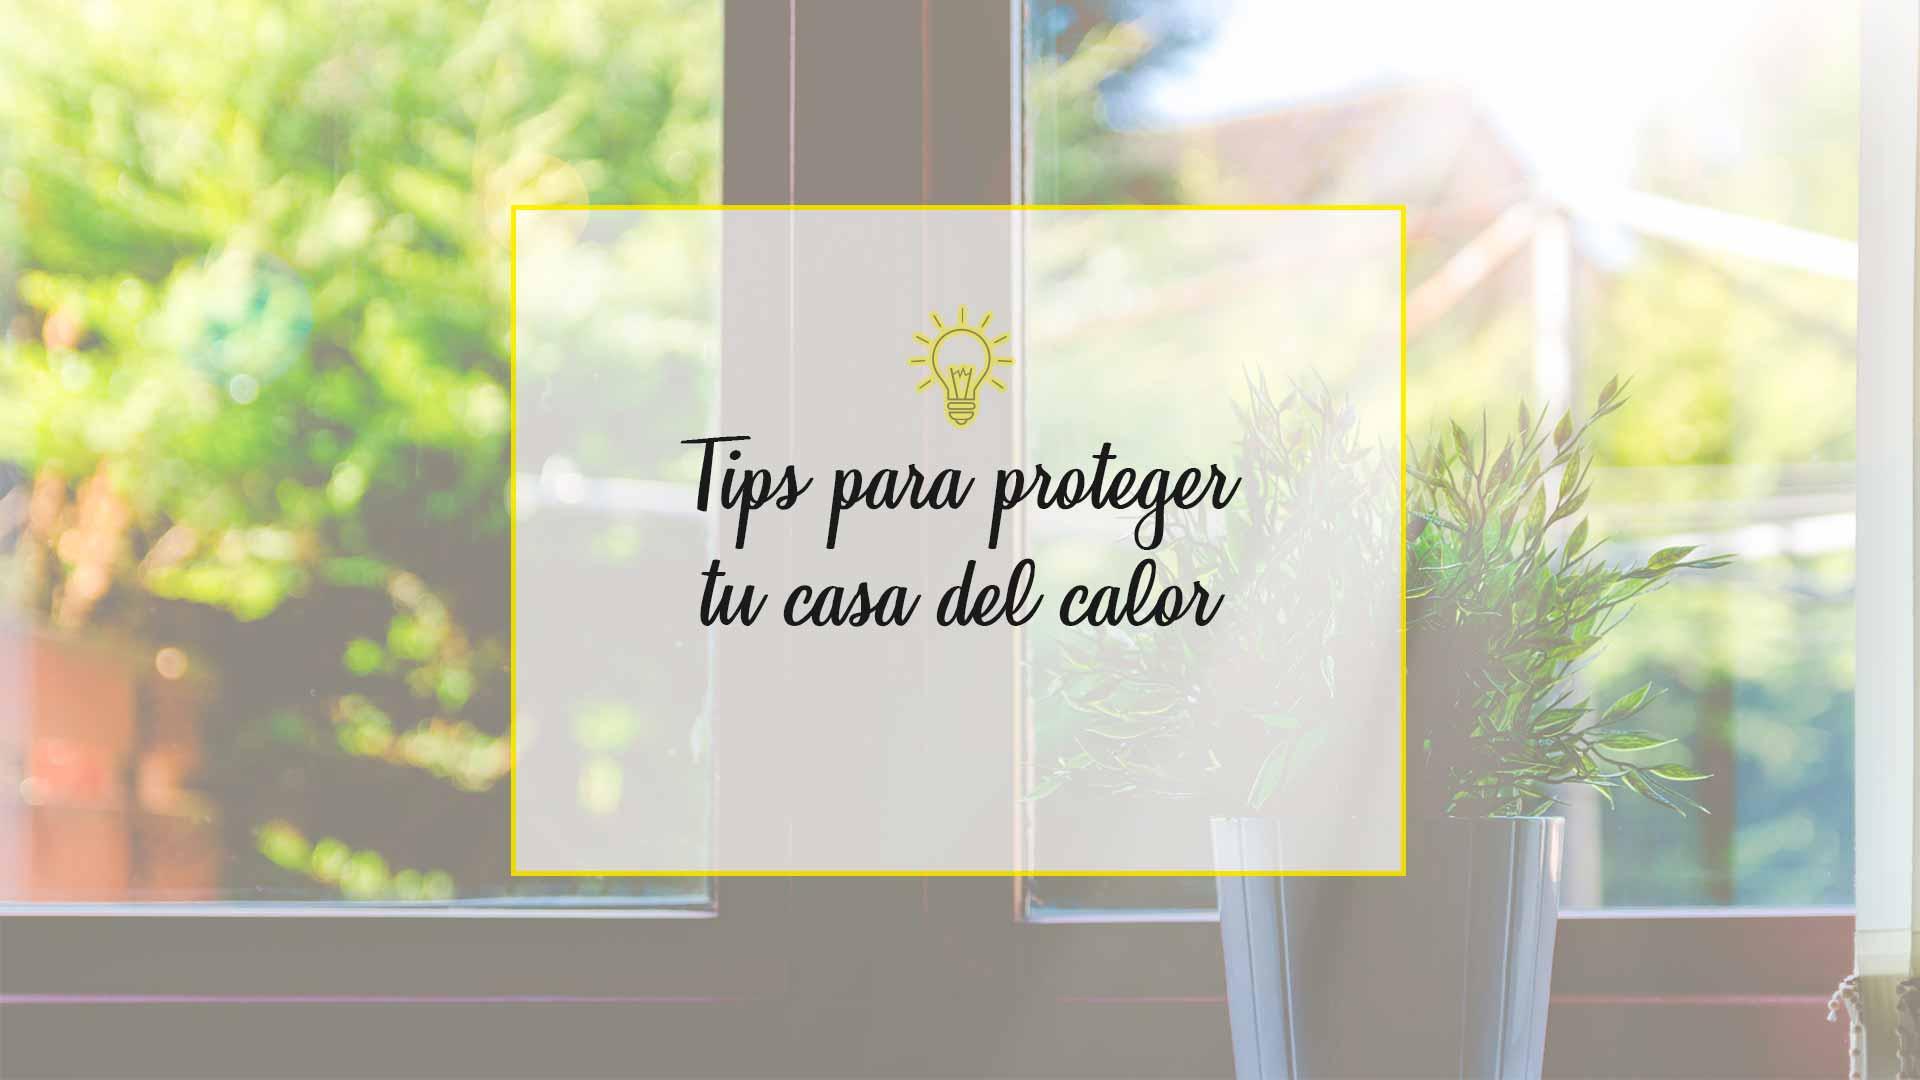 tipas para proteger tu casa del calor